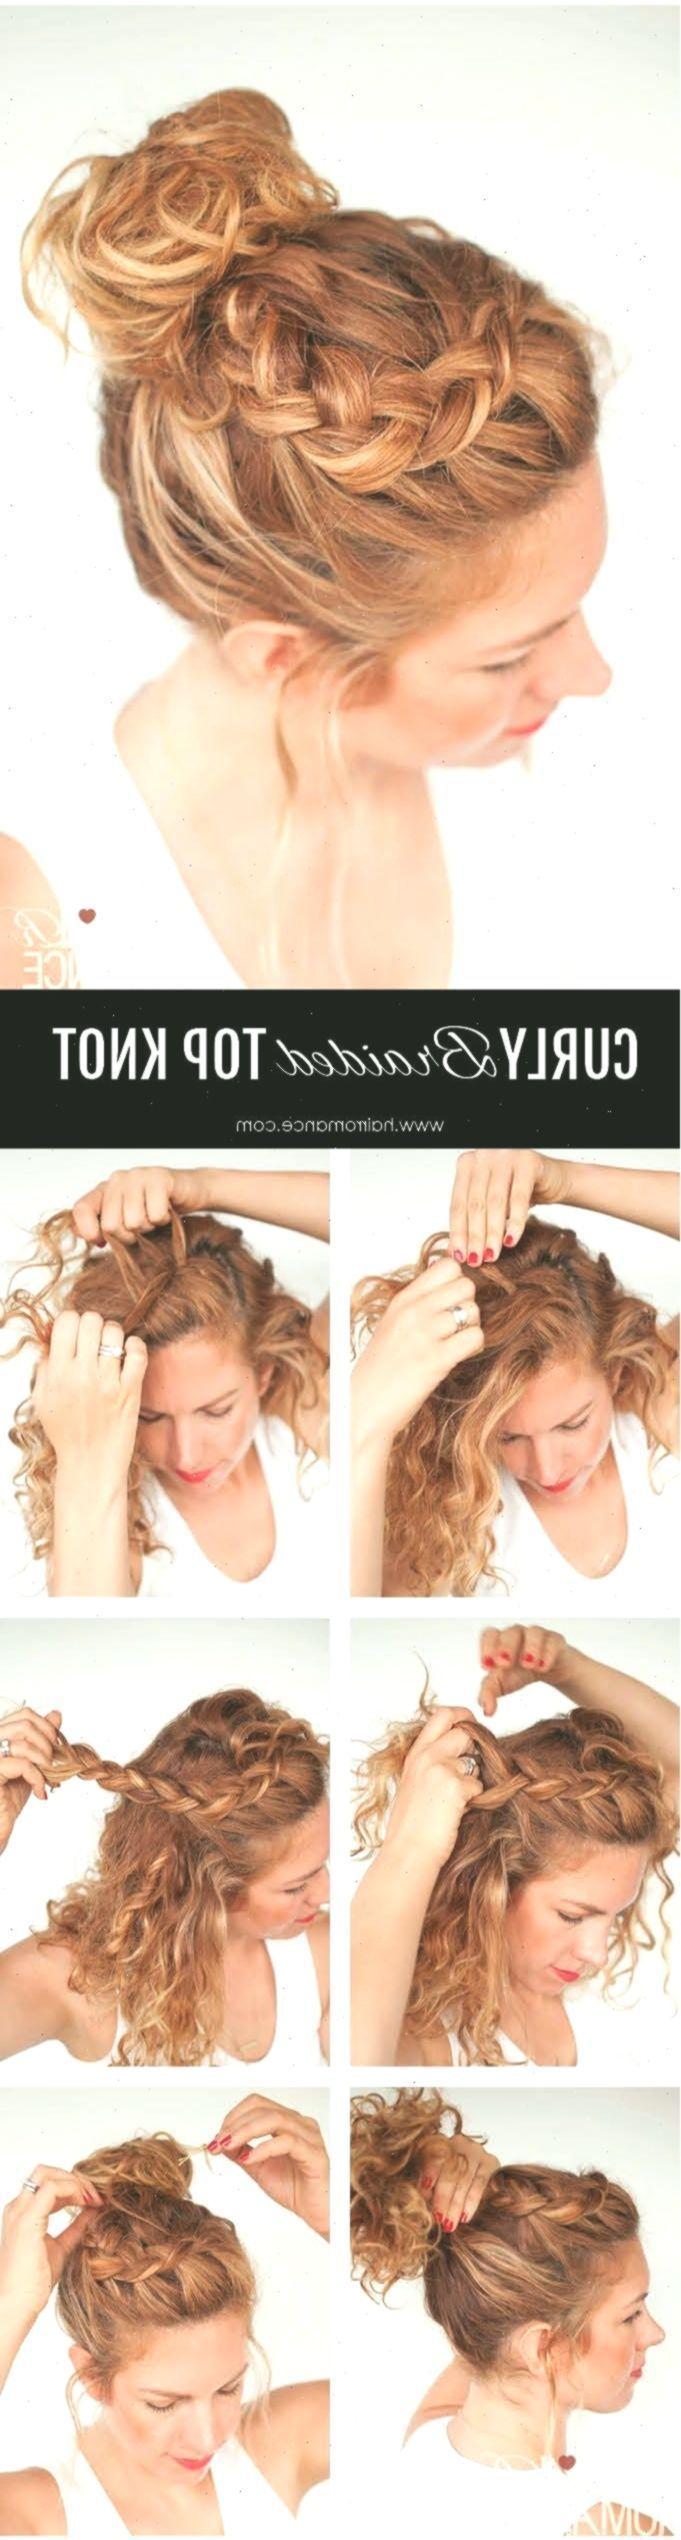 Tägliche lockige Frisuren – lockiges geflochtenes Haarknoten-Frisur-Tutorial – …